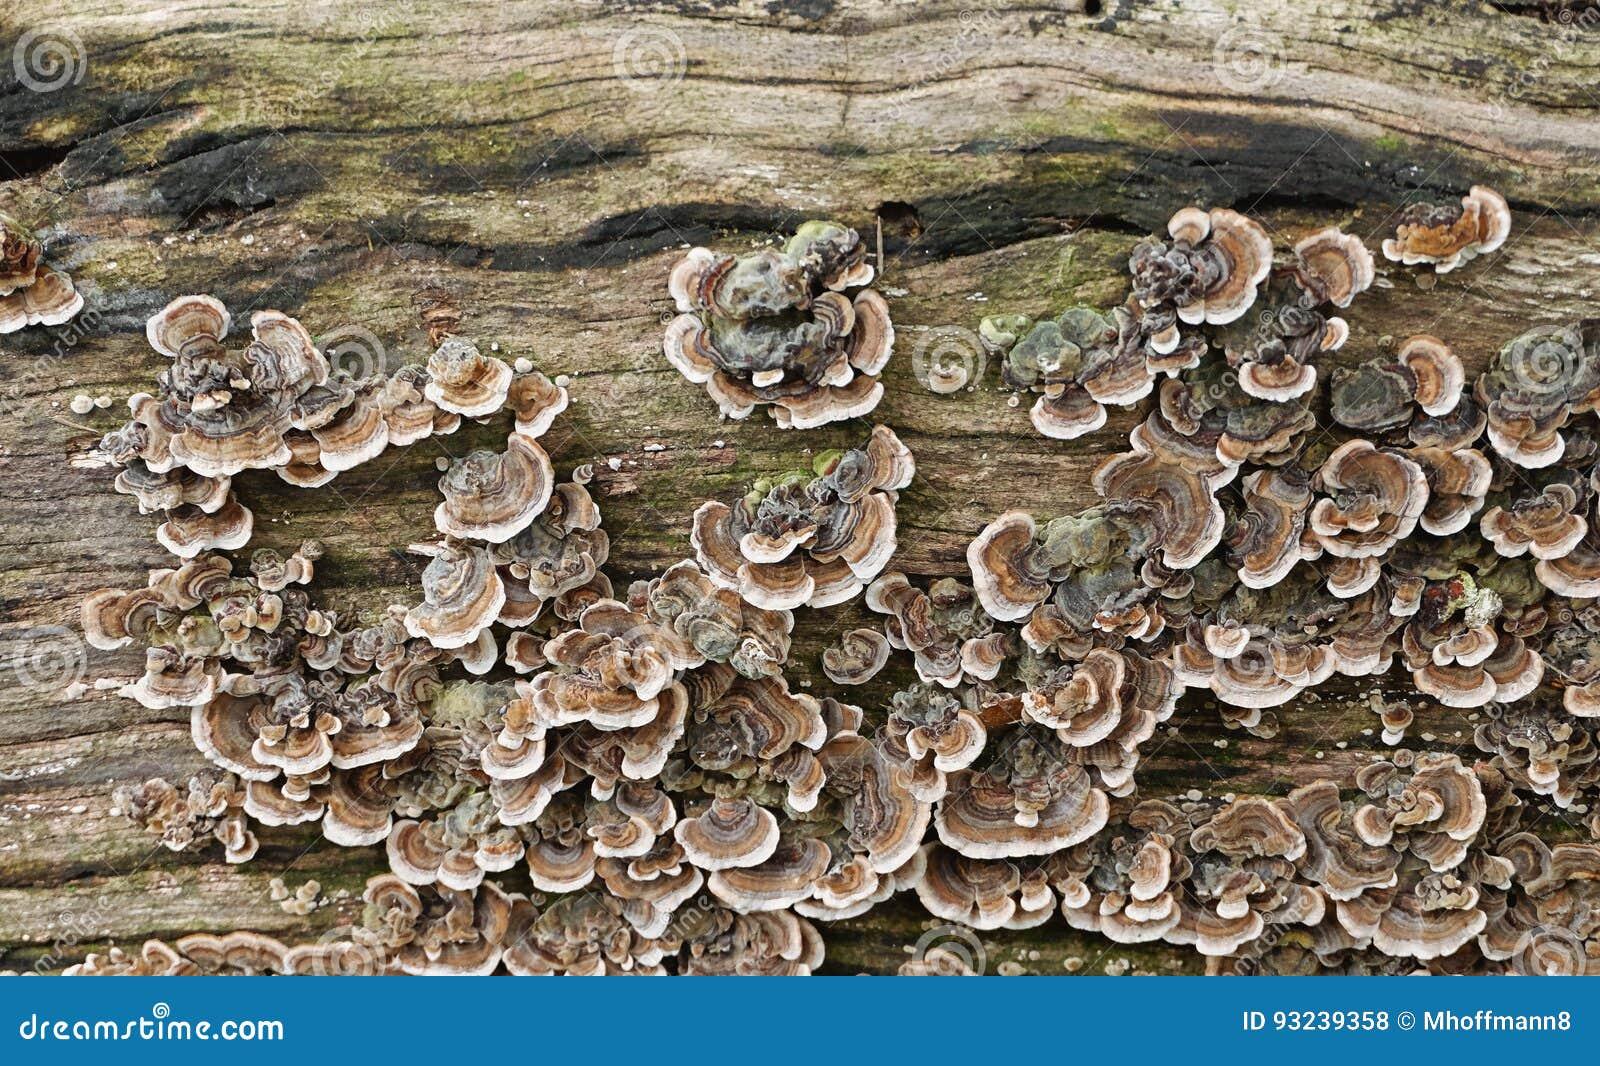 Grupa kolorowe pieczarki trametes versicolor, w ten sposób - nazwany indyczy ogon - grzybowa kolonia na drewnianej powierzchni -